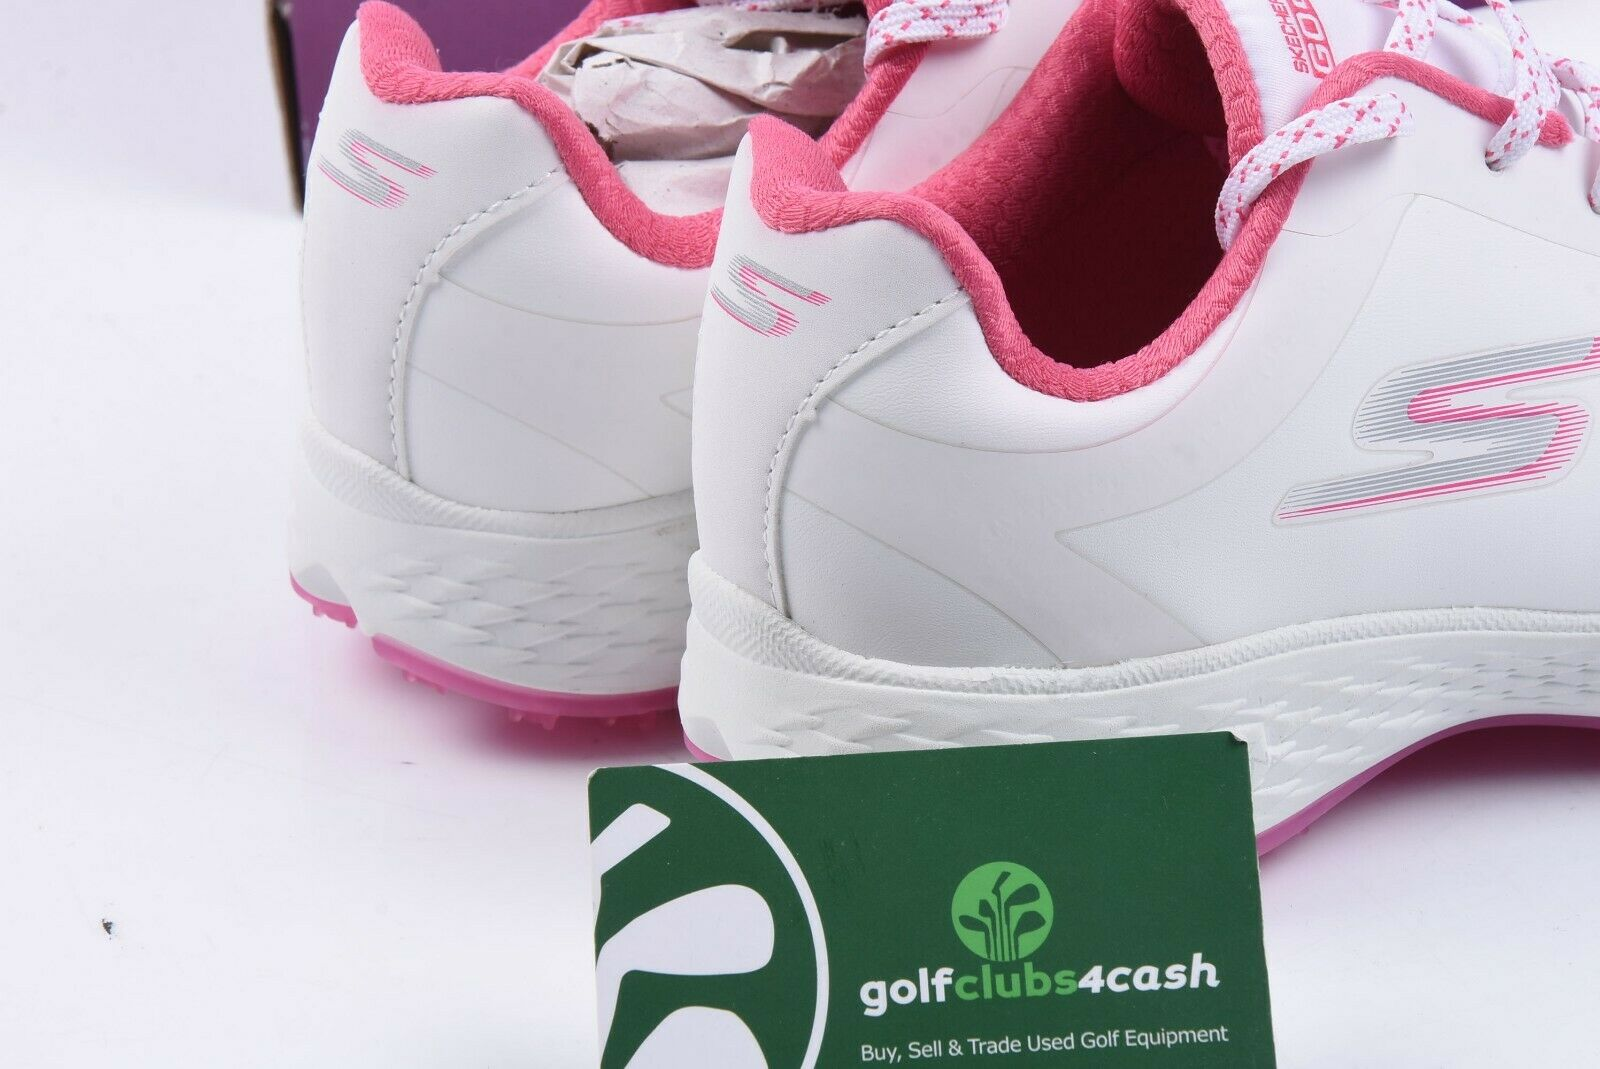 skechers ladies waterproof golf shoes uk